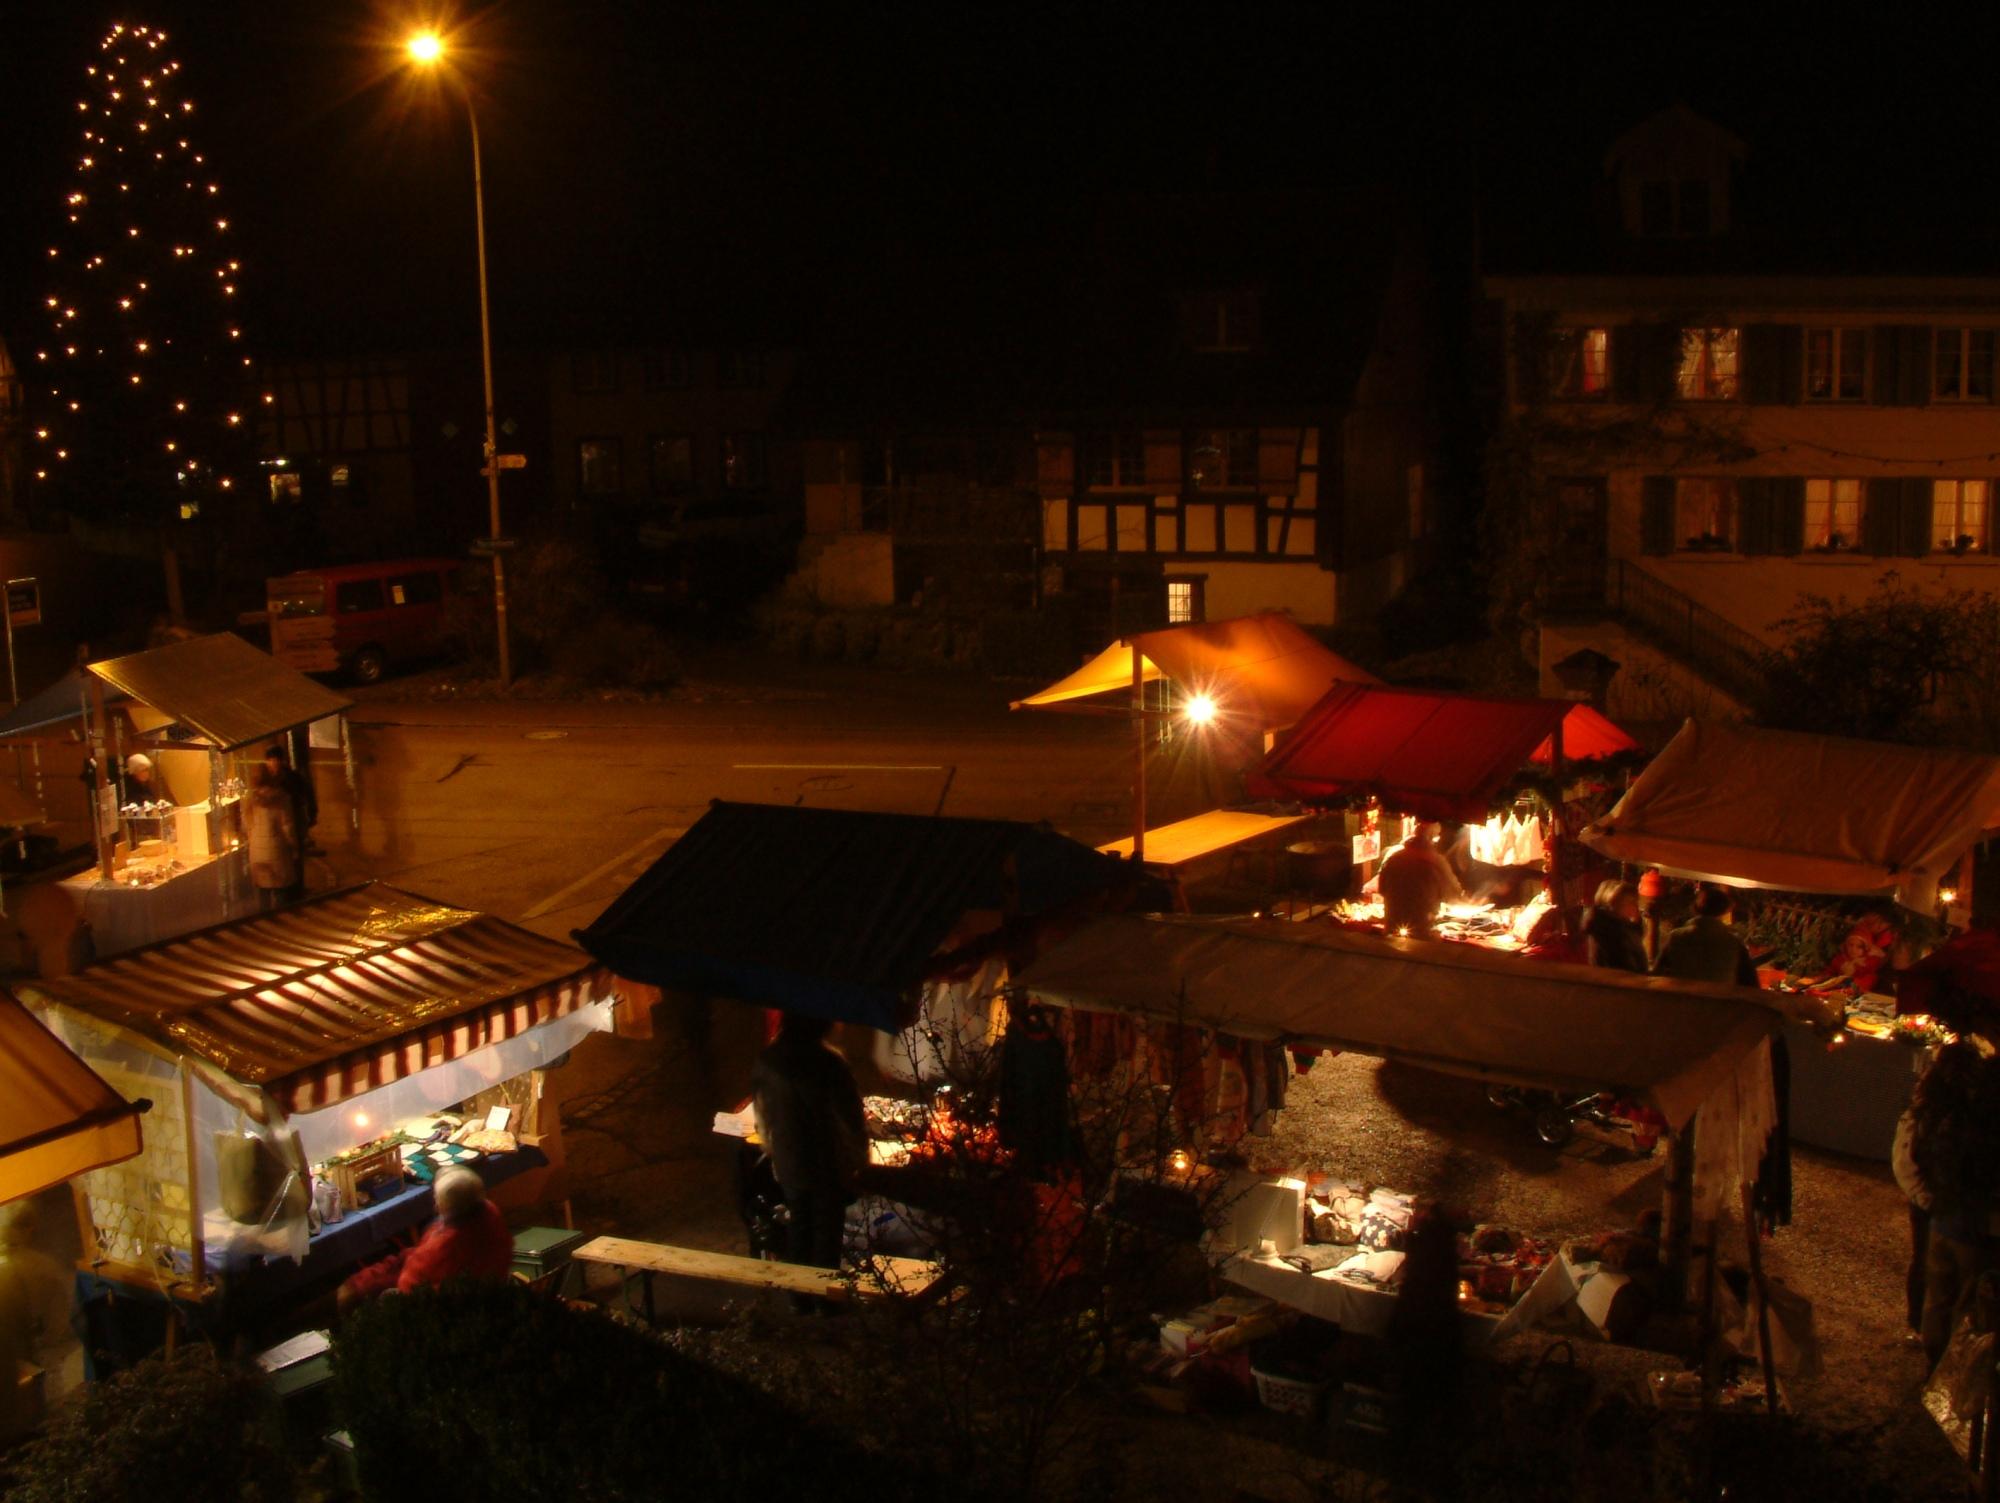 Thalheim_Weihnachtsmarkt_24_11_07_041 Kopie.jpg